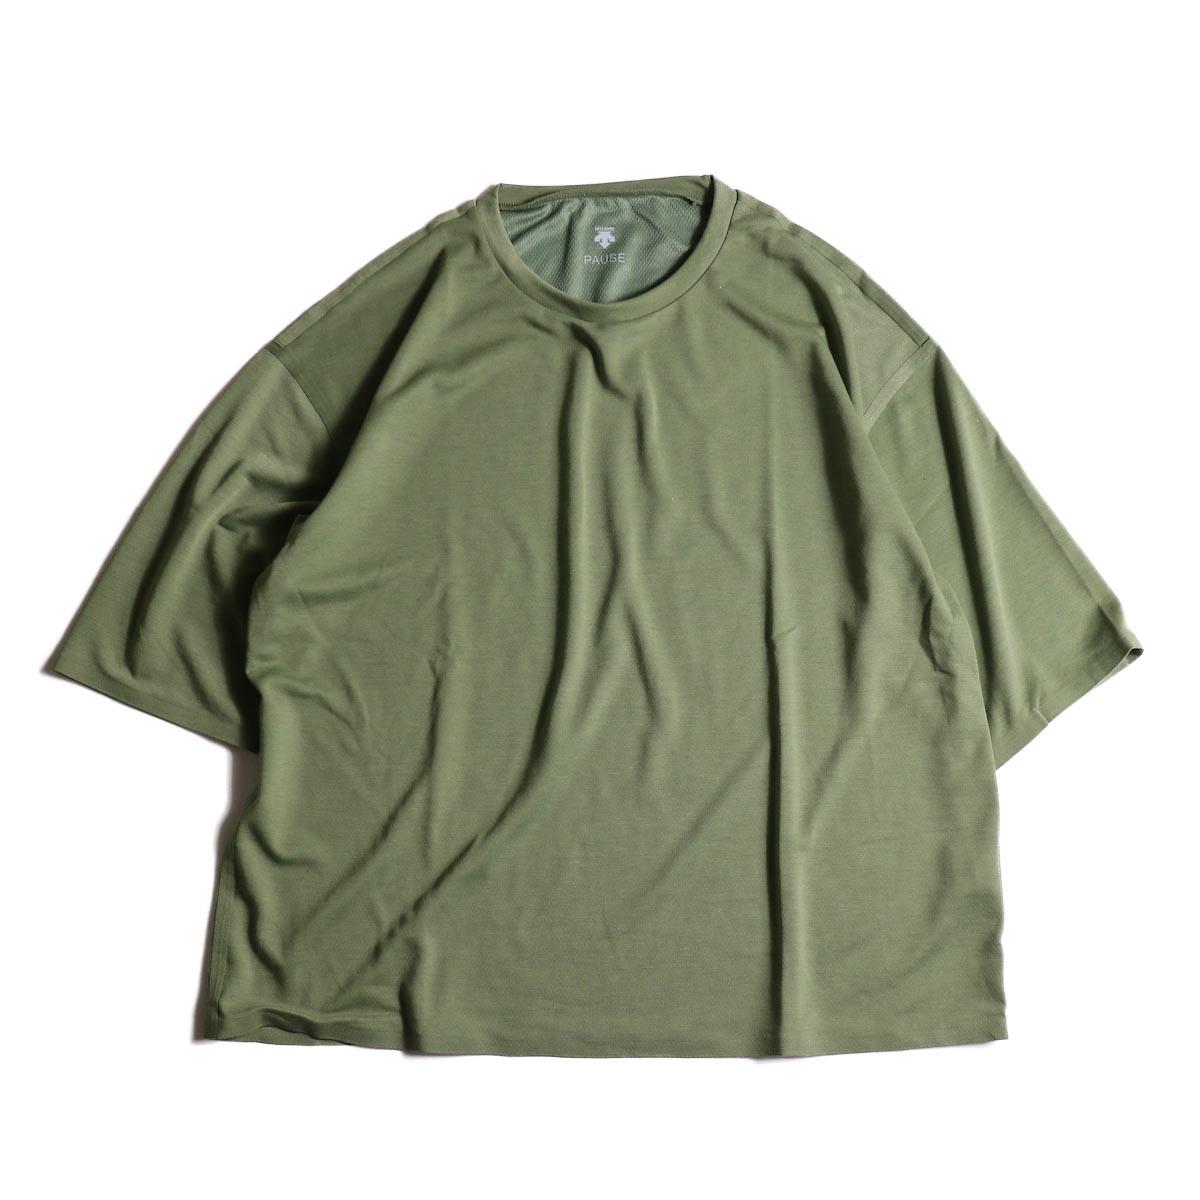 (Ladie's) DESCENTE PAUSE / ZEROSEAM BIG T-SHIRT (Khaki)